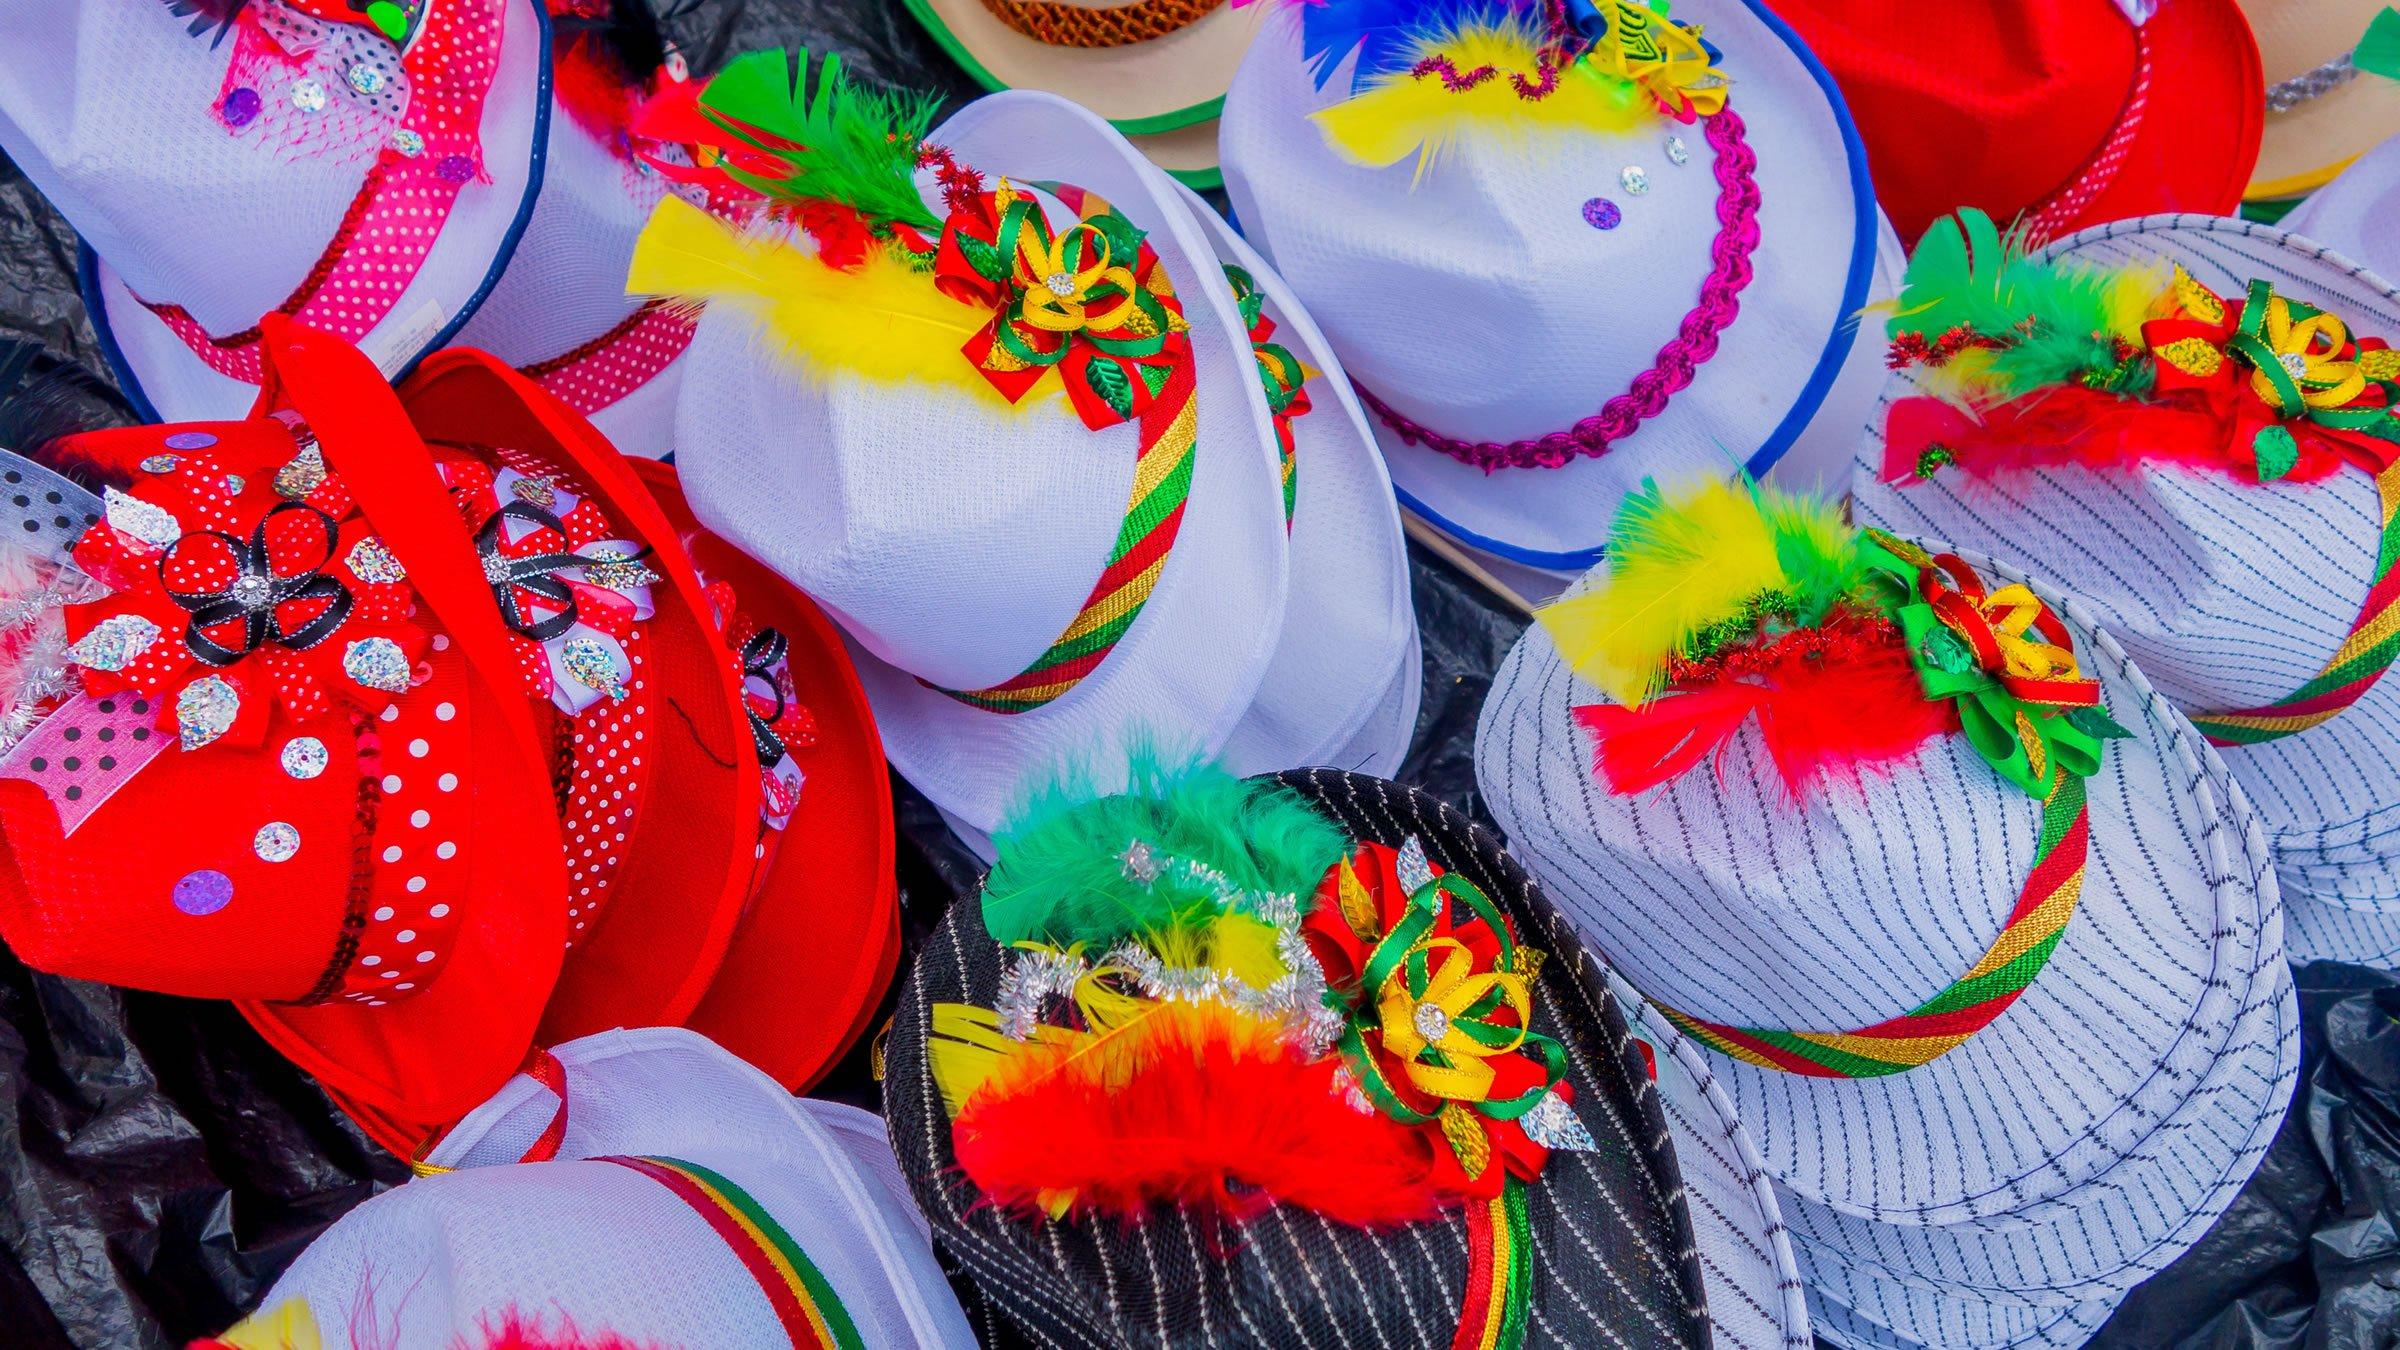 Accesorios para el Carnaval de Barranquilla